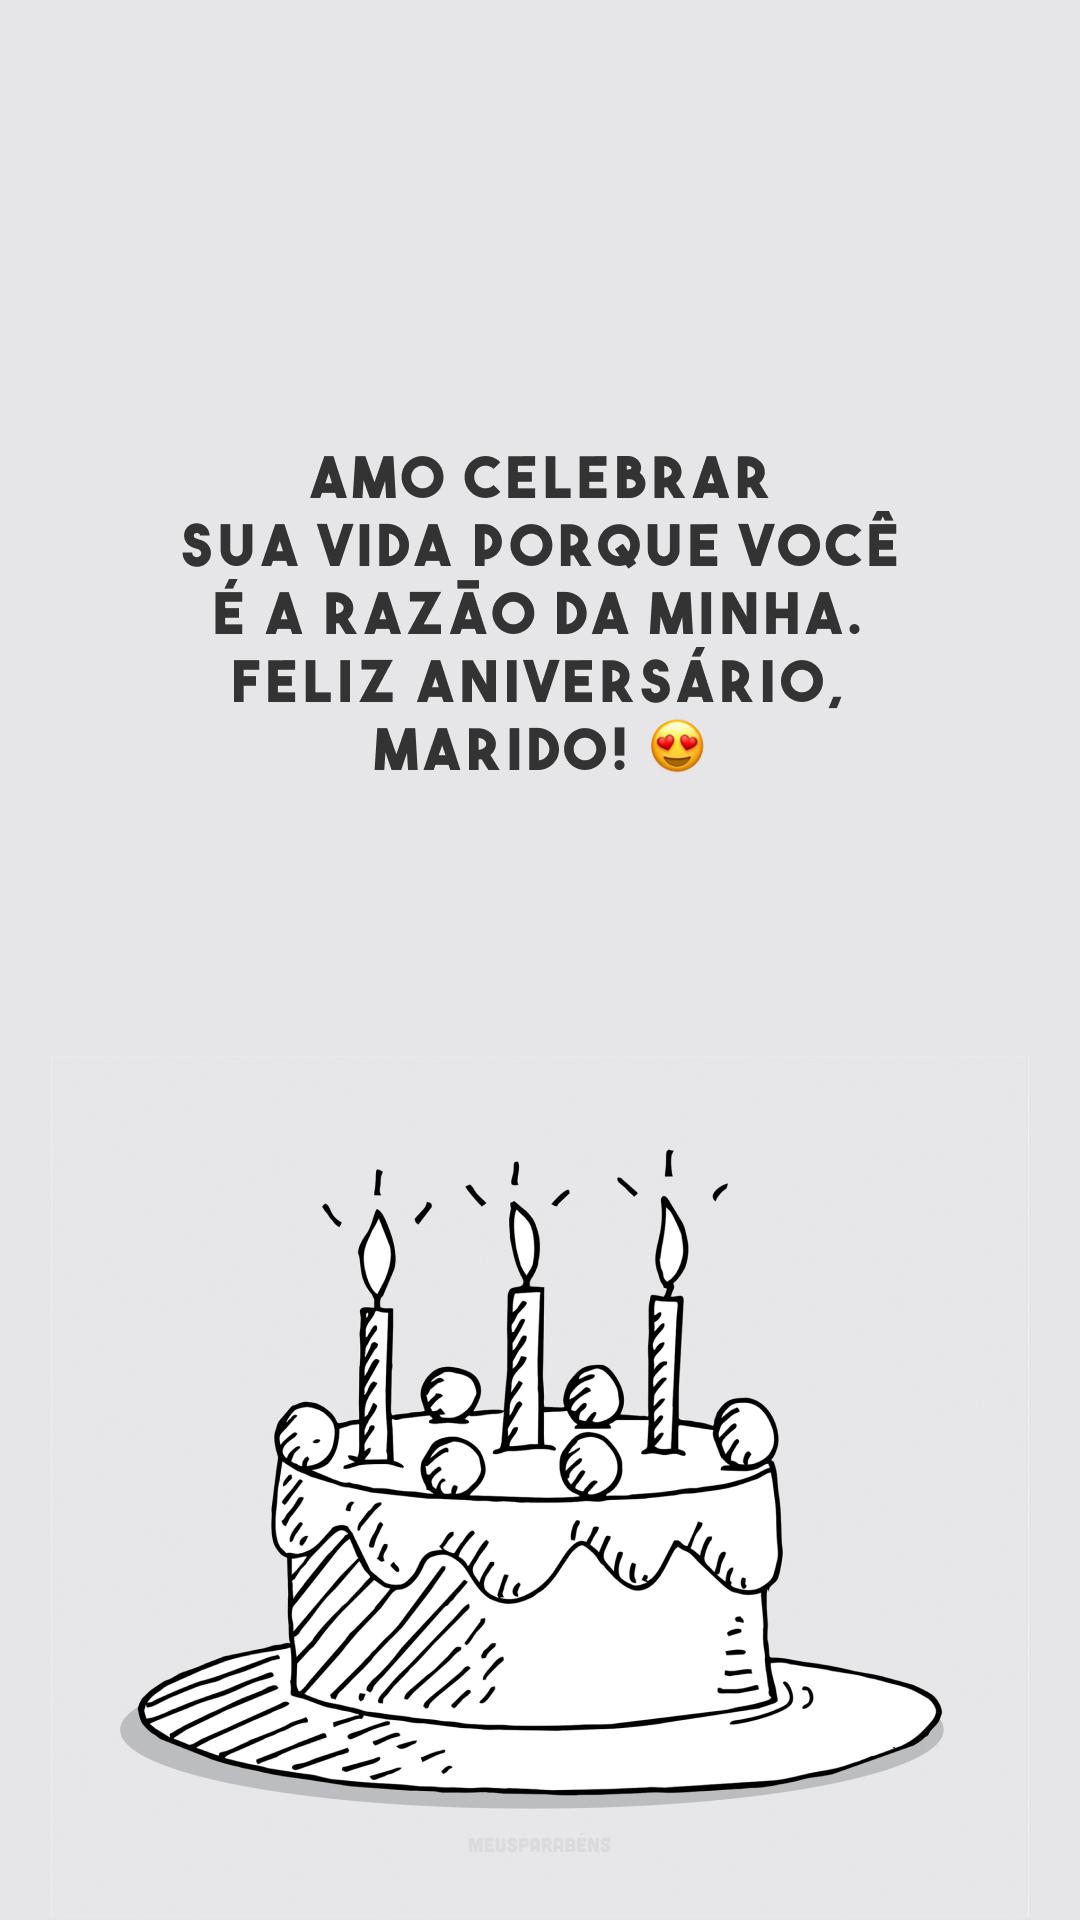 Amo celebrar sua vida porque você é a razão da minha. Feliz aniversário, marido! 😍